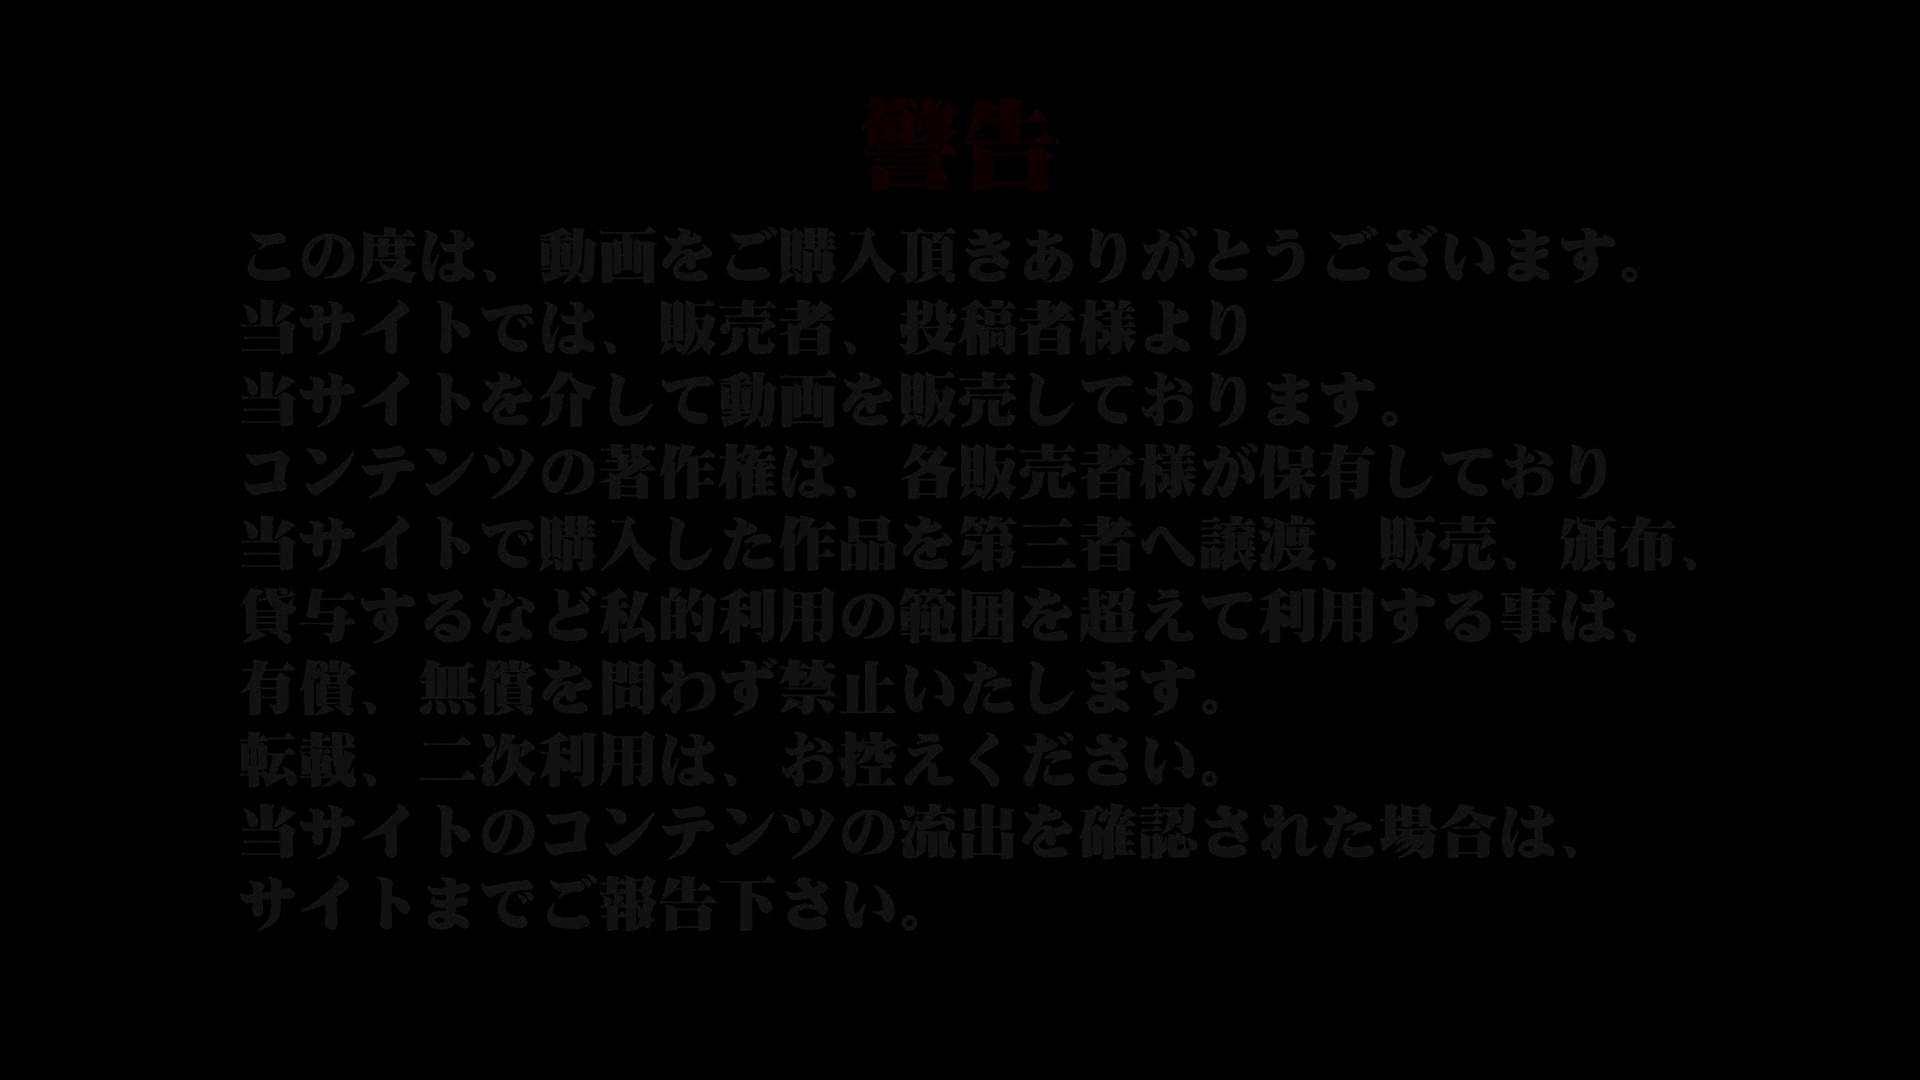 飛び出す黄金水!!!アトレ潜入 かわや盗撮 vol.02 OL女体 オメコ無修正動画無料 92連発 2